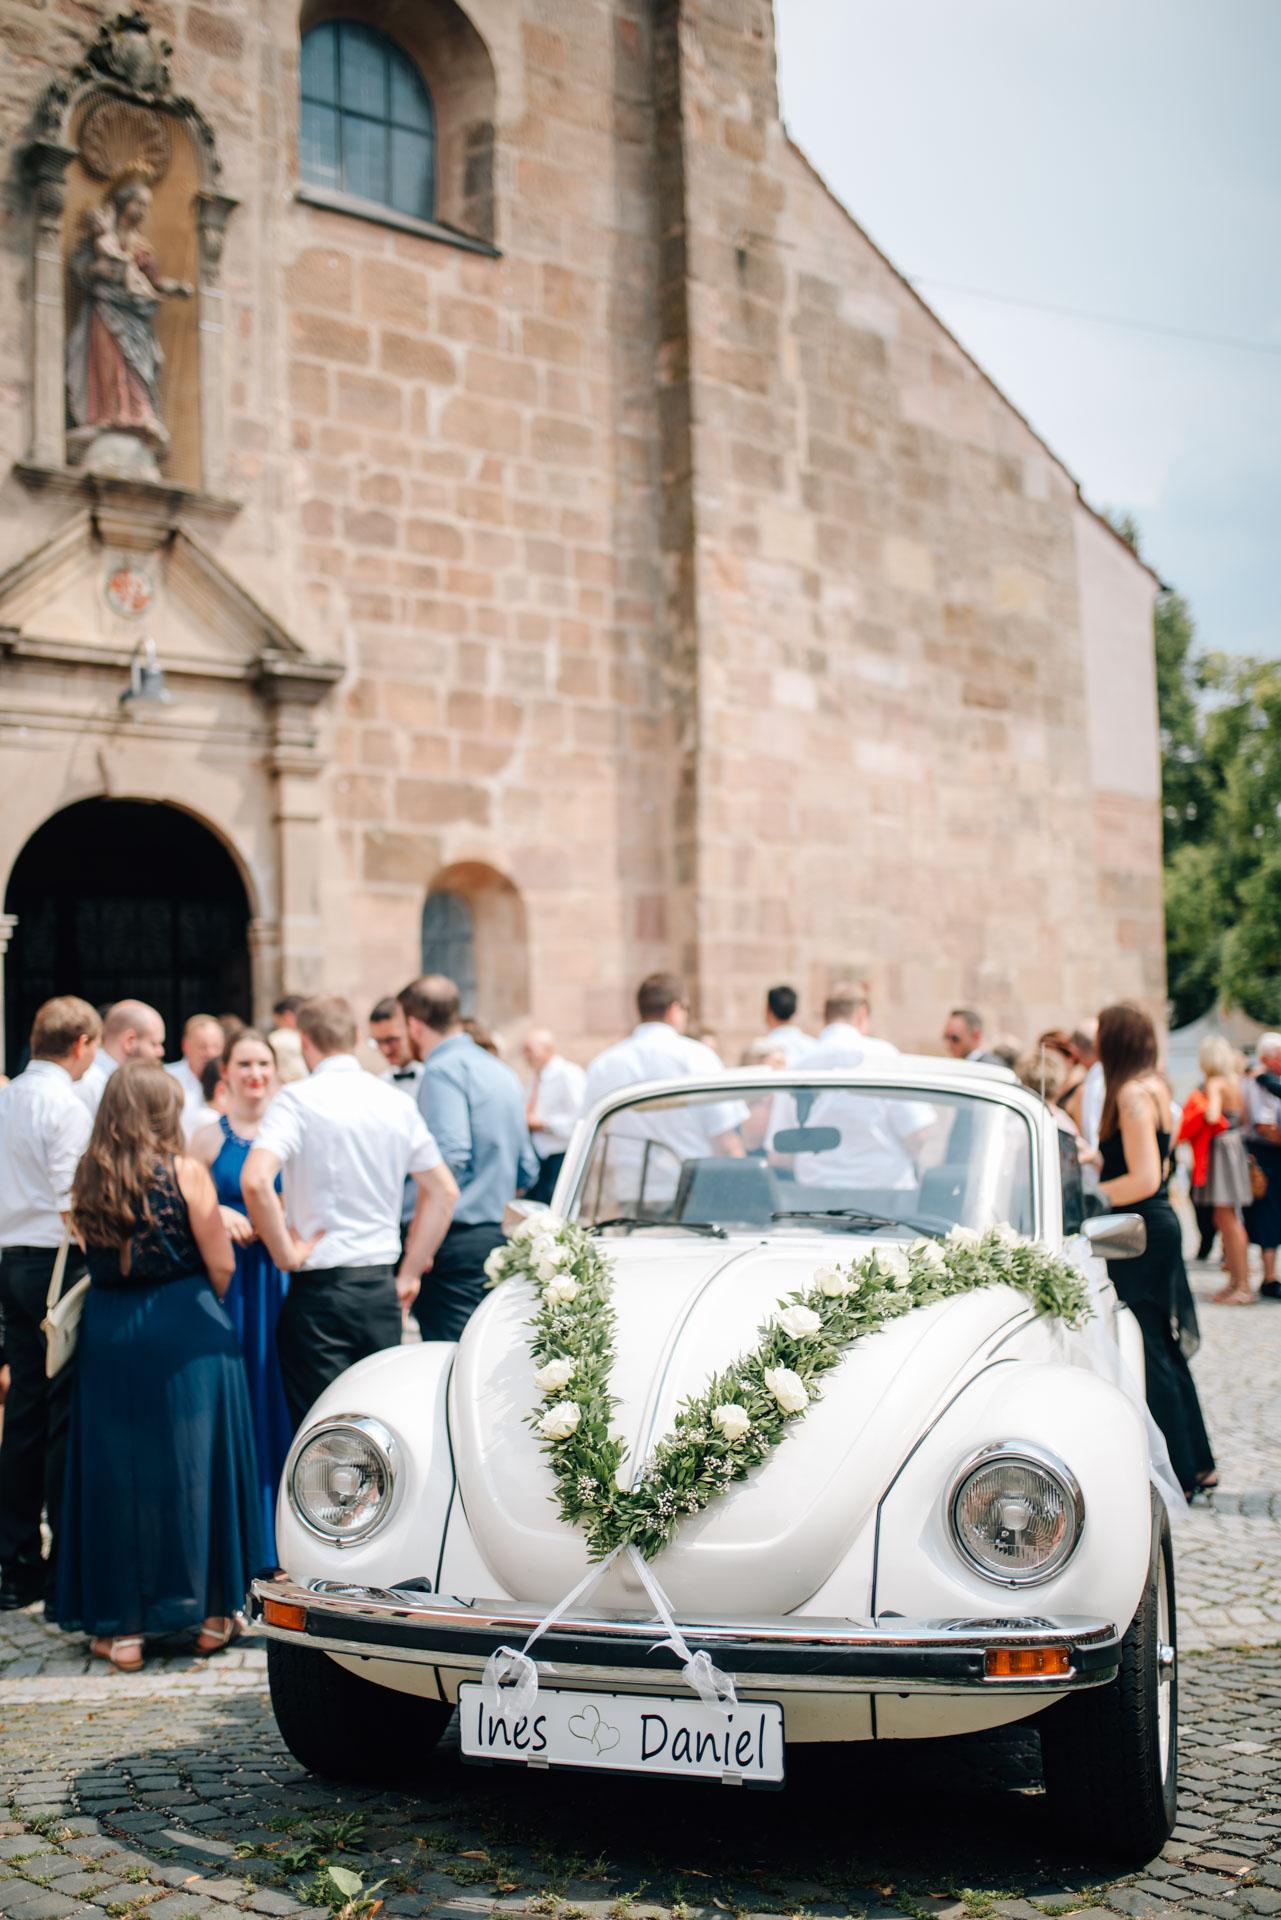 Brautauto, St. Emmerald Spalt, kirchliche Trauung Spalt, Herzfotografie, Hochzeitsfotografie, Fotograf Hochzeit Spalt